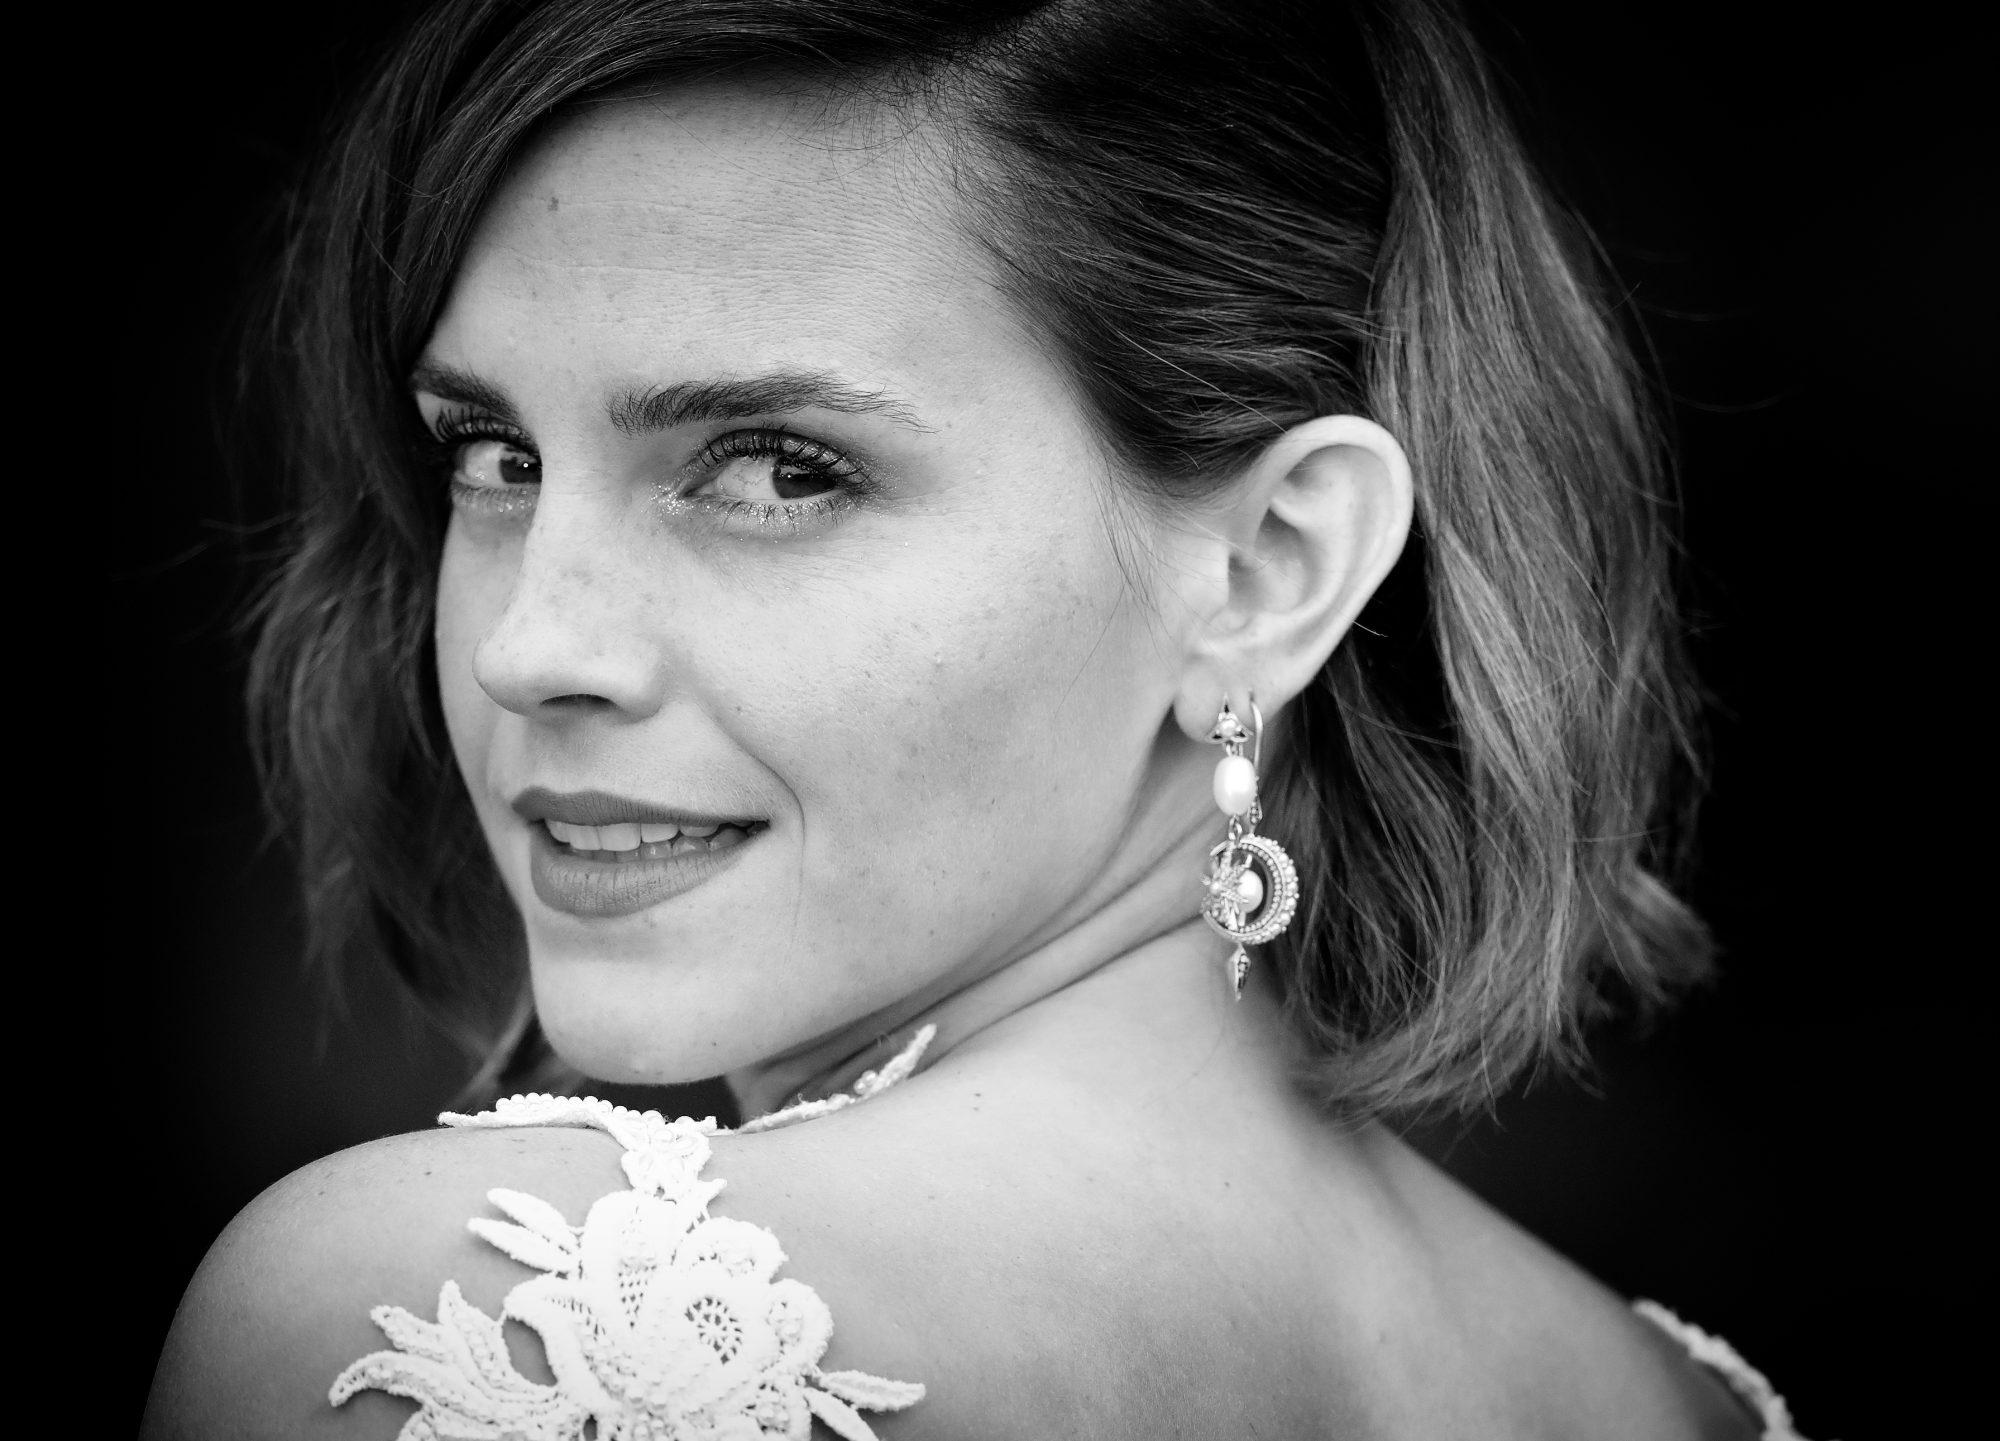 Μαθήματα στυλ από την Emma Watson: Μόδα και sustainability πάνε μαζί! H Emma Watson χρησιμοποίησε τη μόδα για να κάνει μία πολύ σημαντική δήλωση.